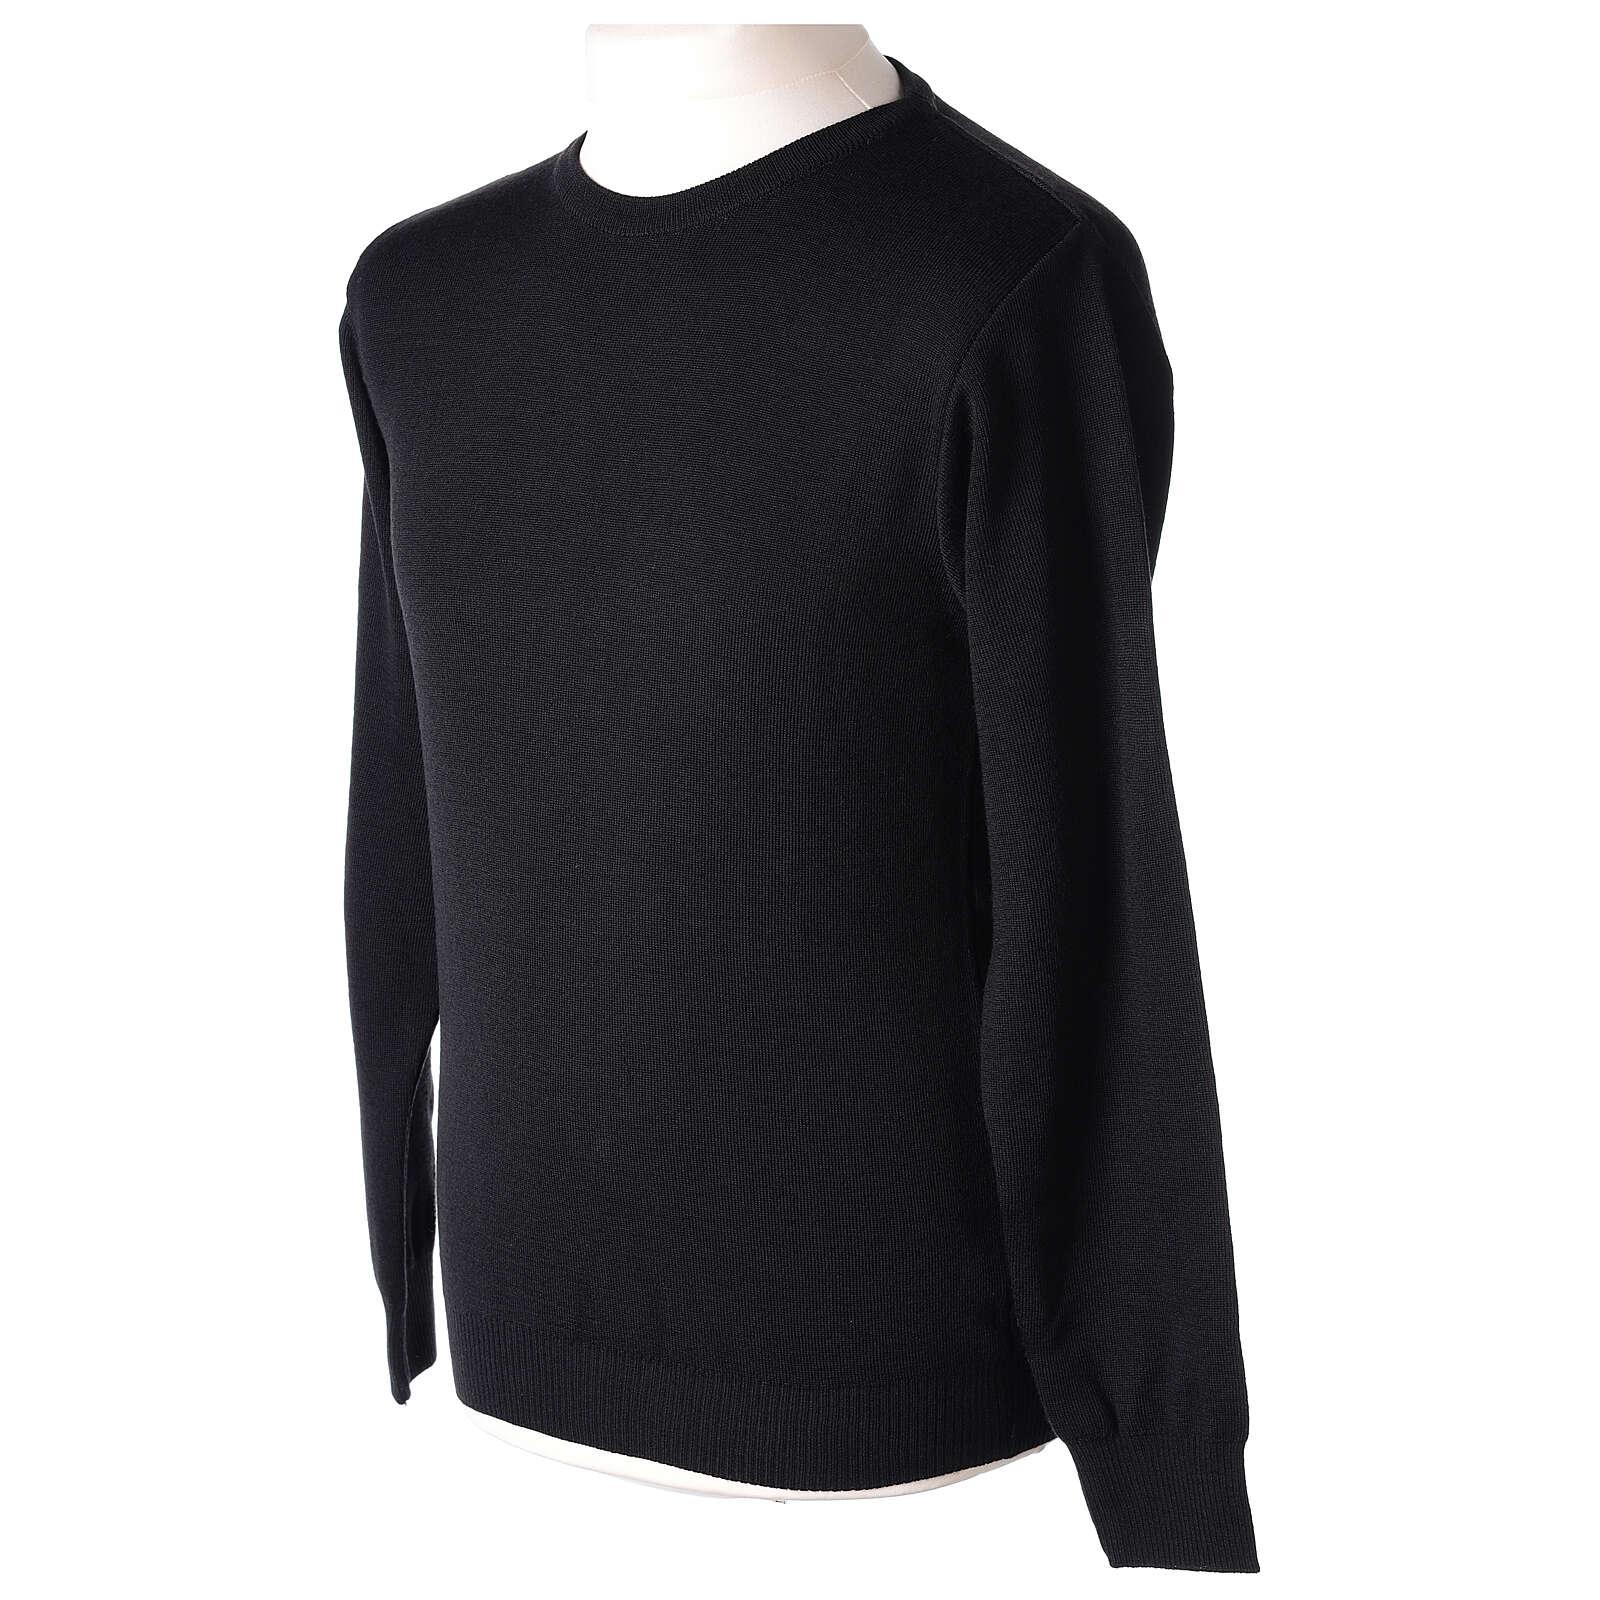 Jersey sacerdote cuello redondo negro punto unido 50% lana merina 50% acrílico In Primis 4